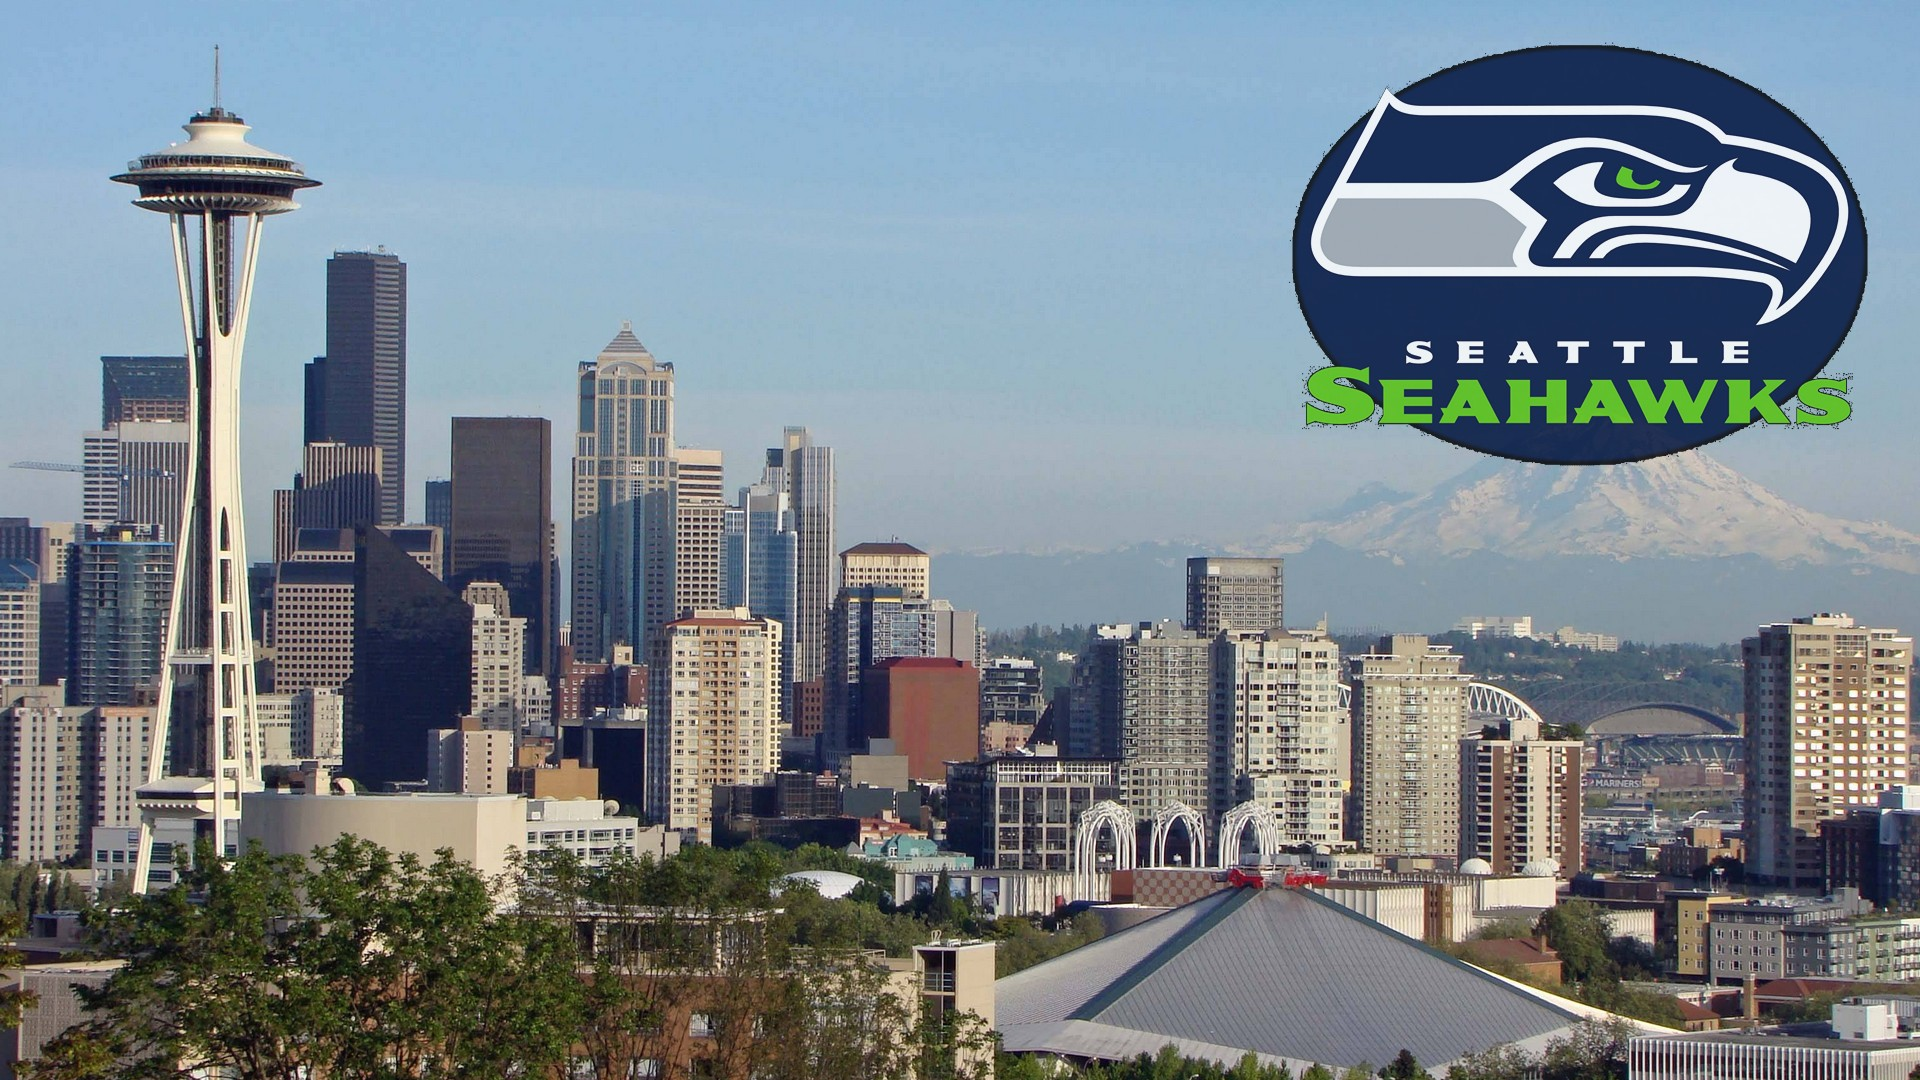 Seattle Seahawks Wallpaper 1920x1080: Seahawks Wallpapers 1920x1080